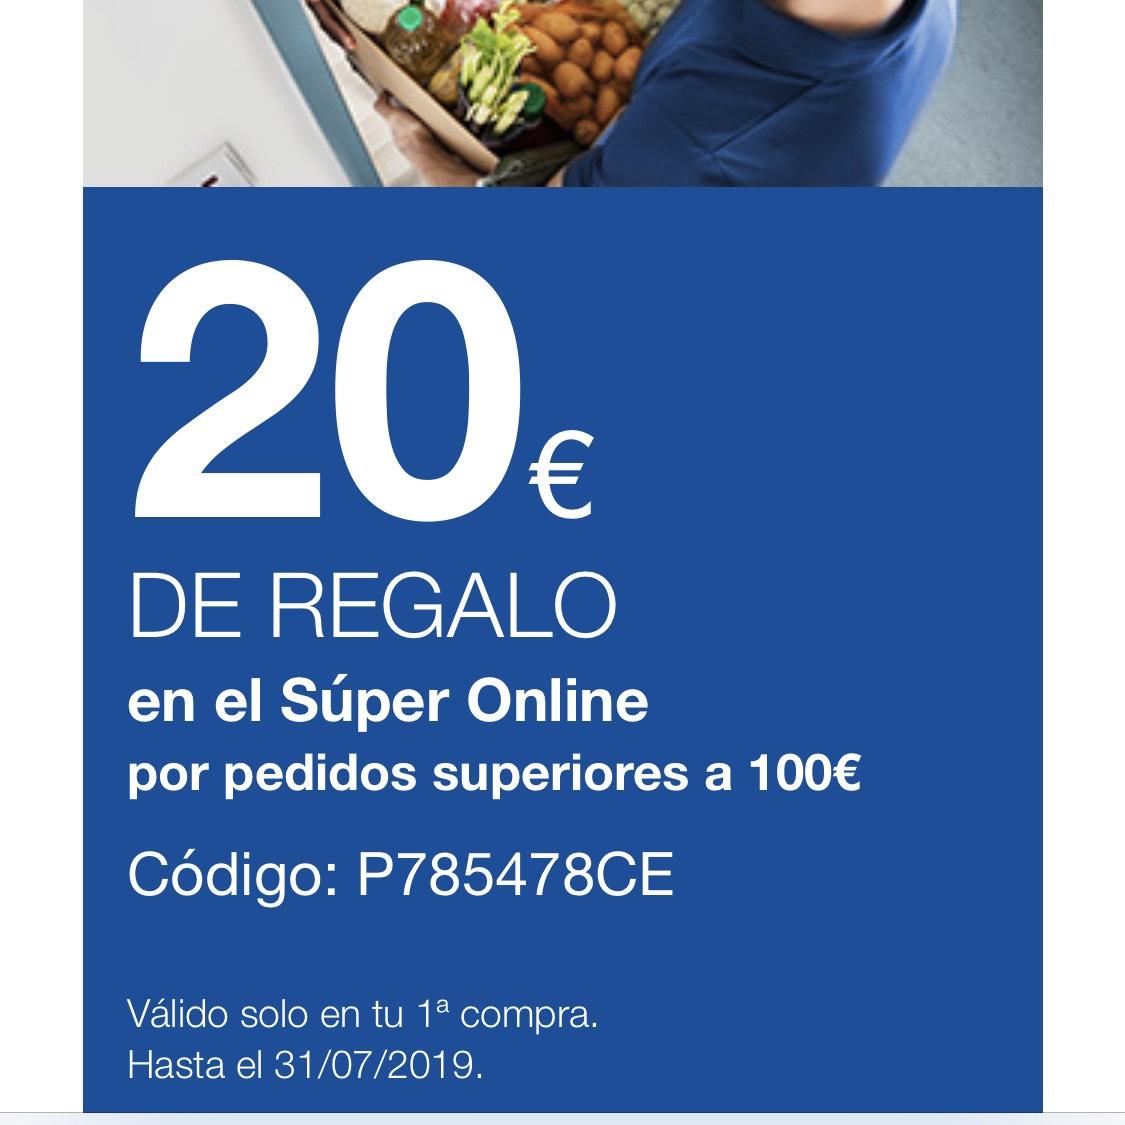 Descuento 20€ primera compra Supermercado Online Carrefour